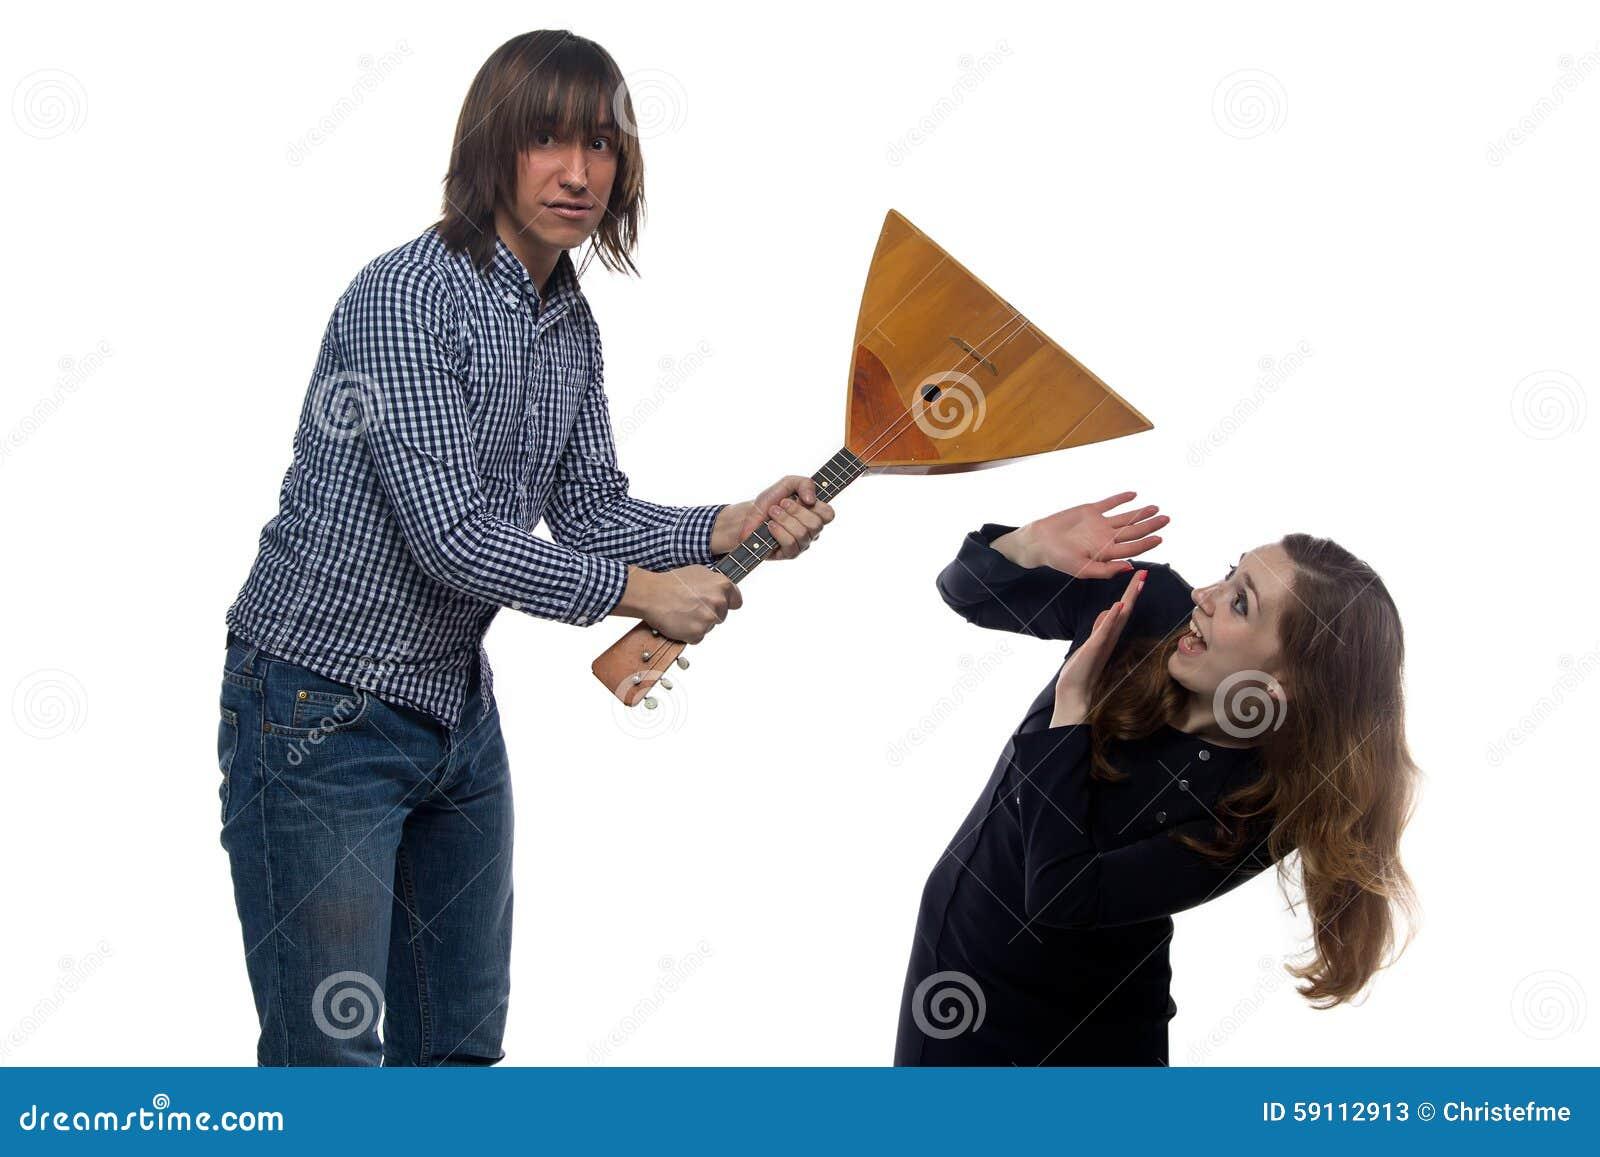 恼怒的男人和叫喊的妇女